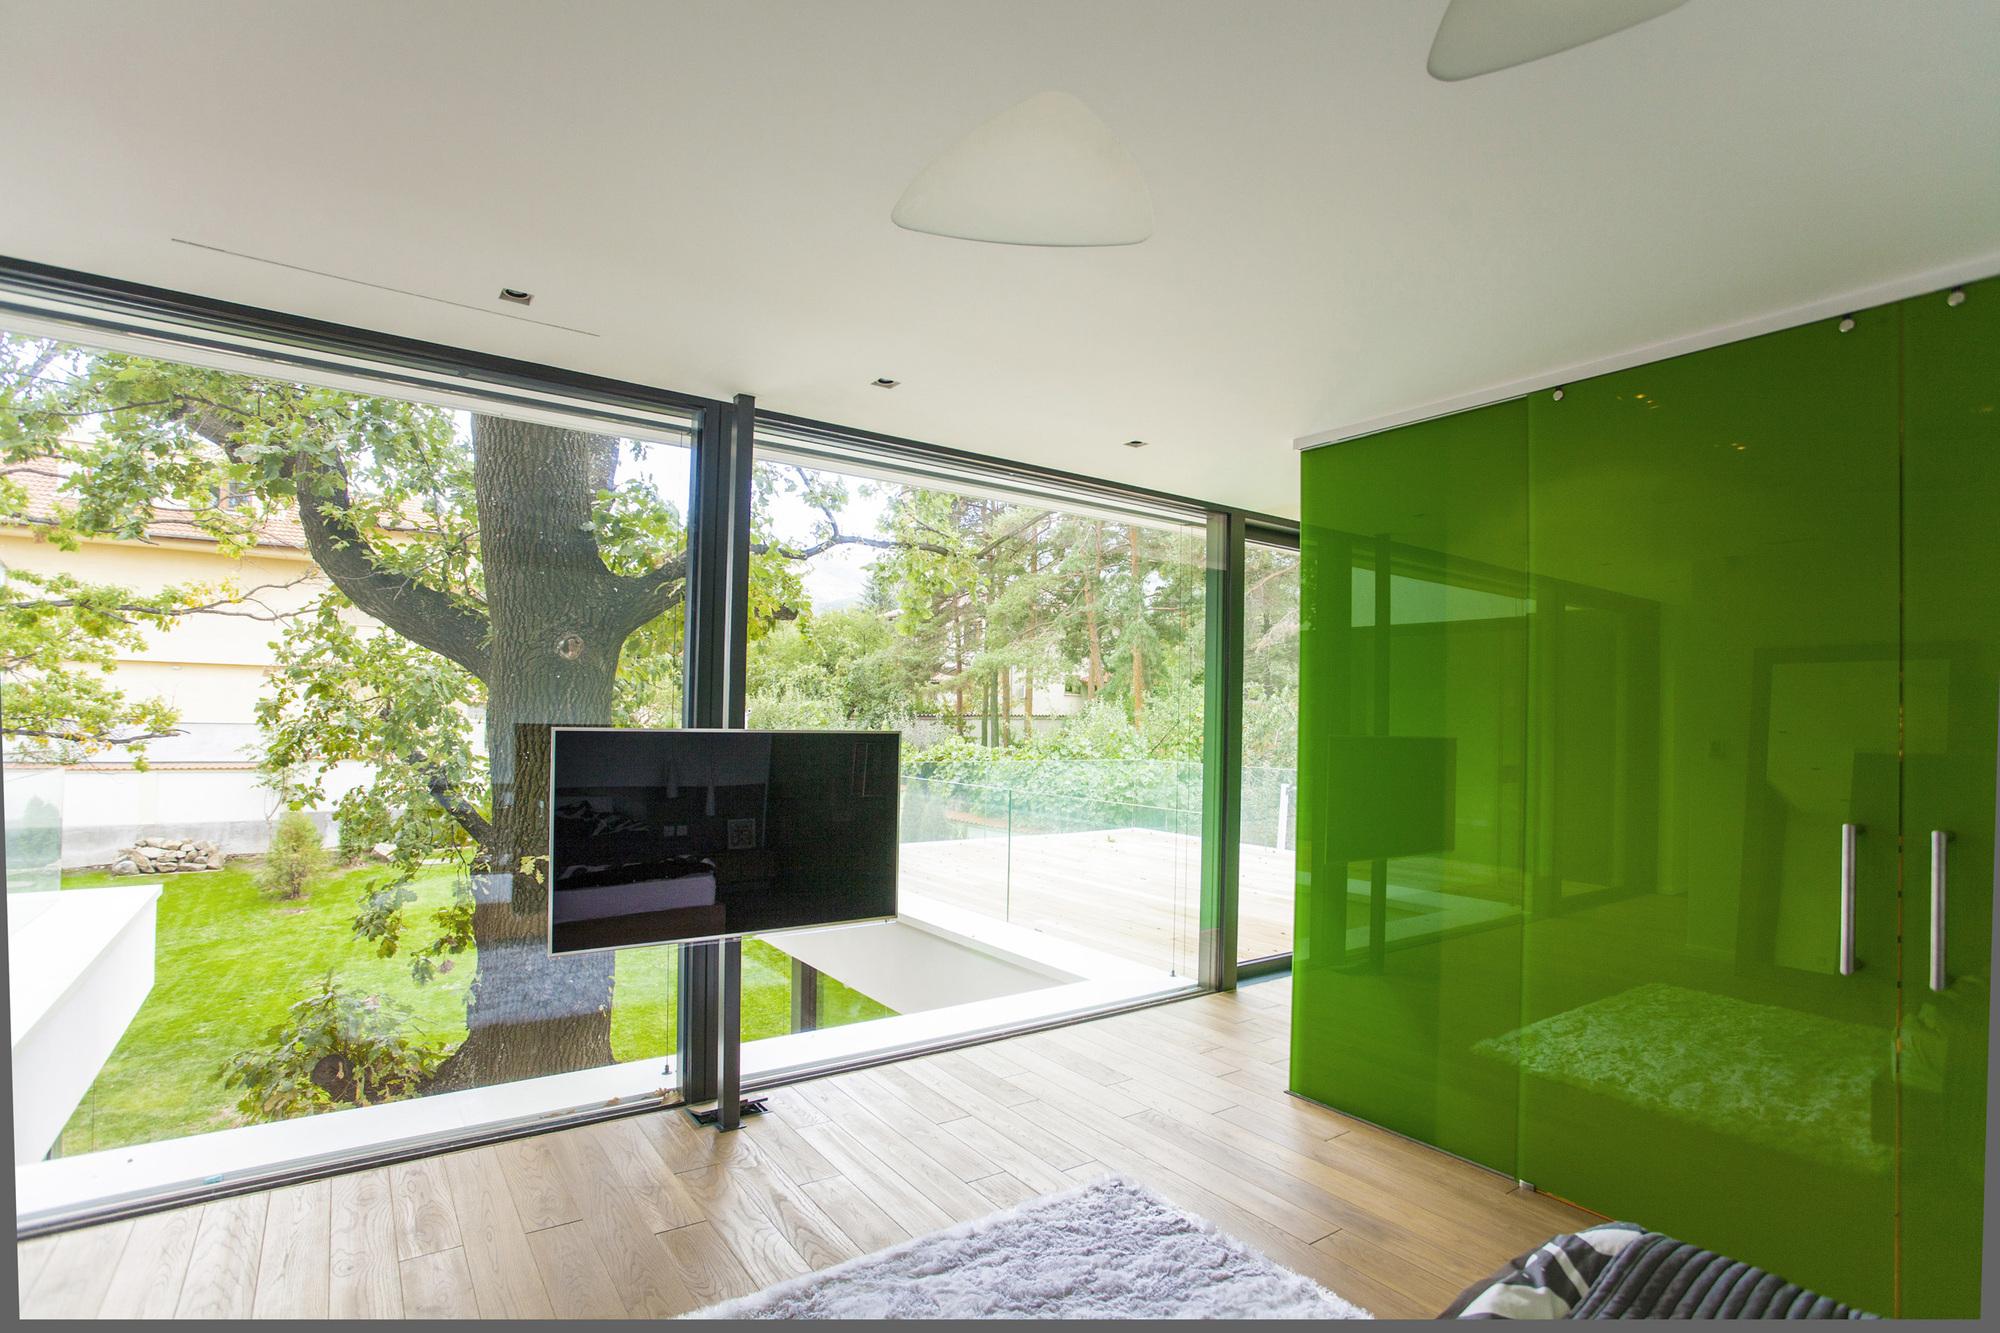 2-oaks-house-obia_obia_2oaks_image_09_alumina_elit